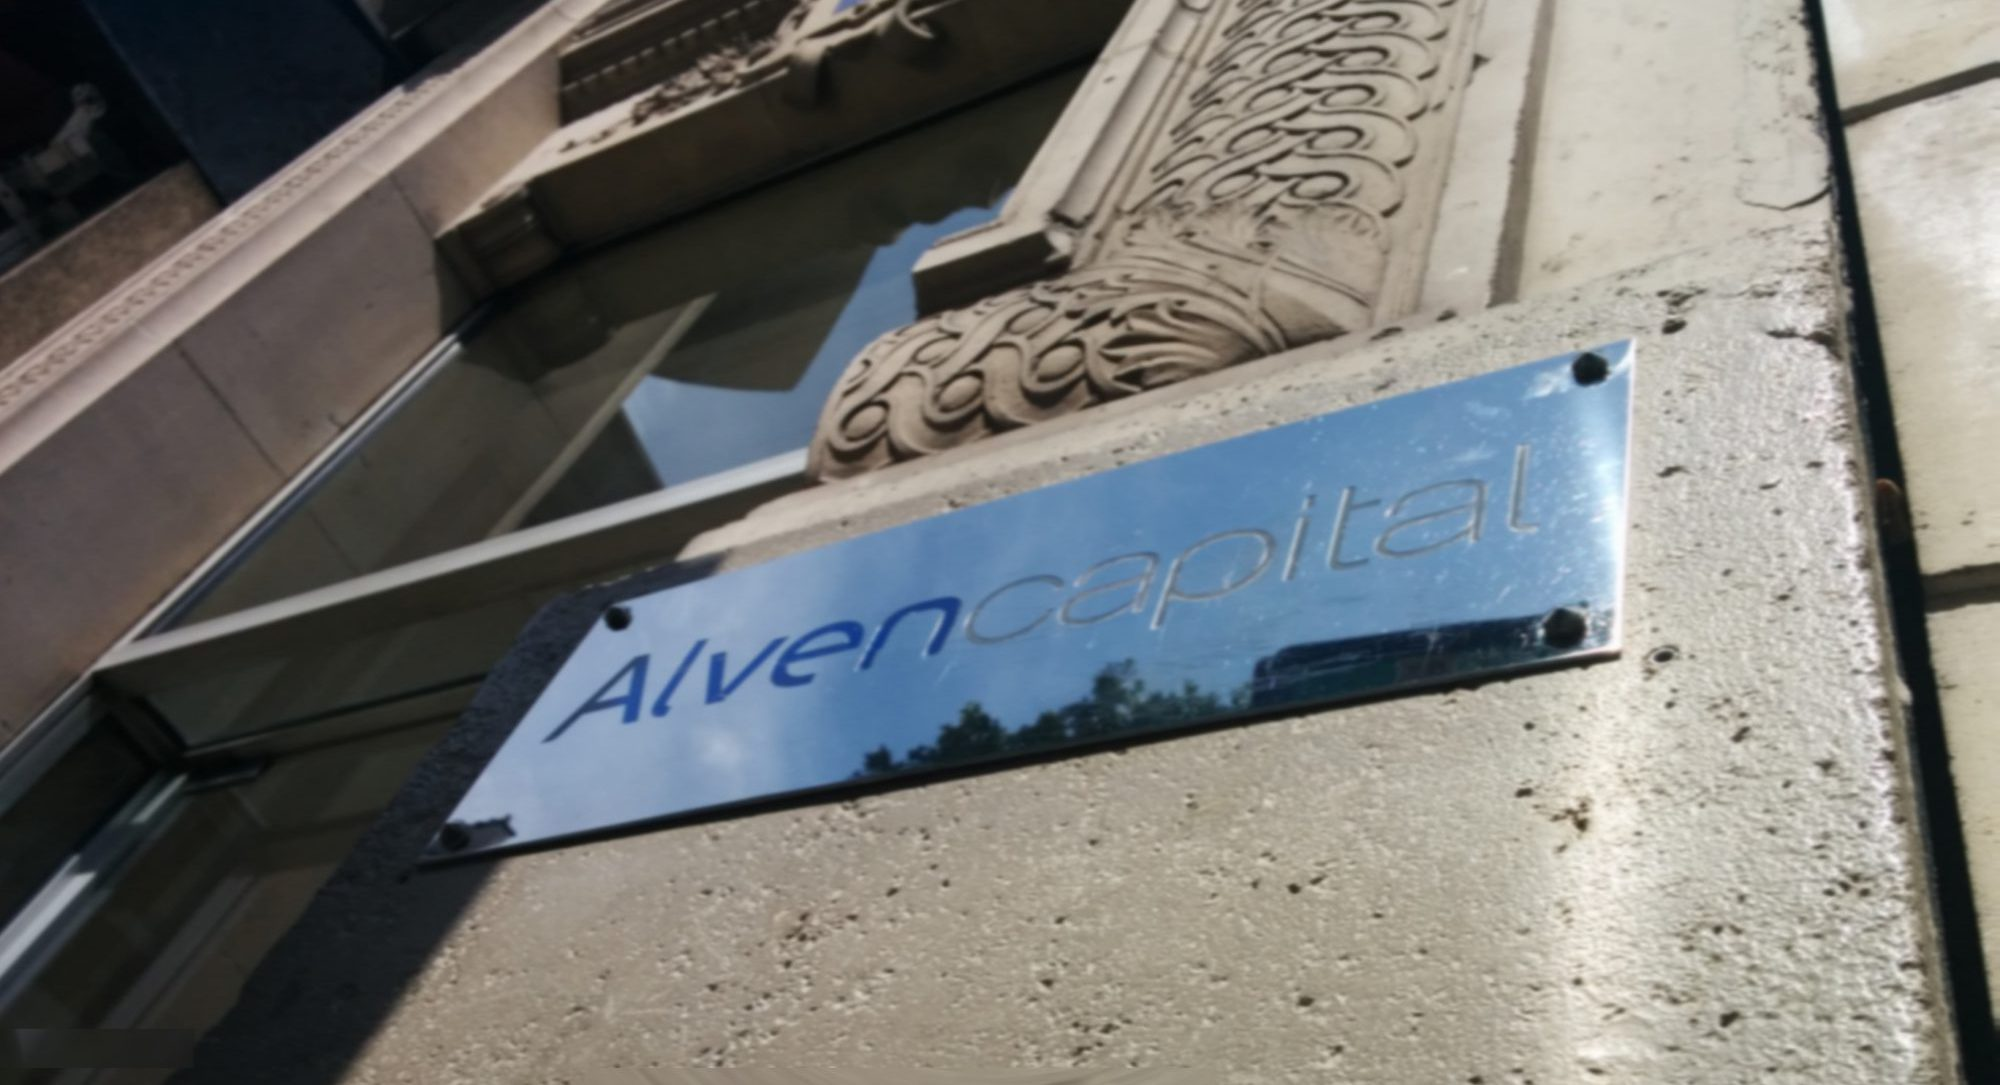 Alven Capital